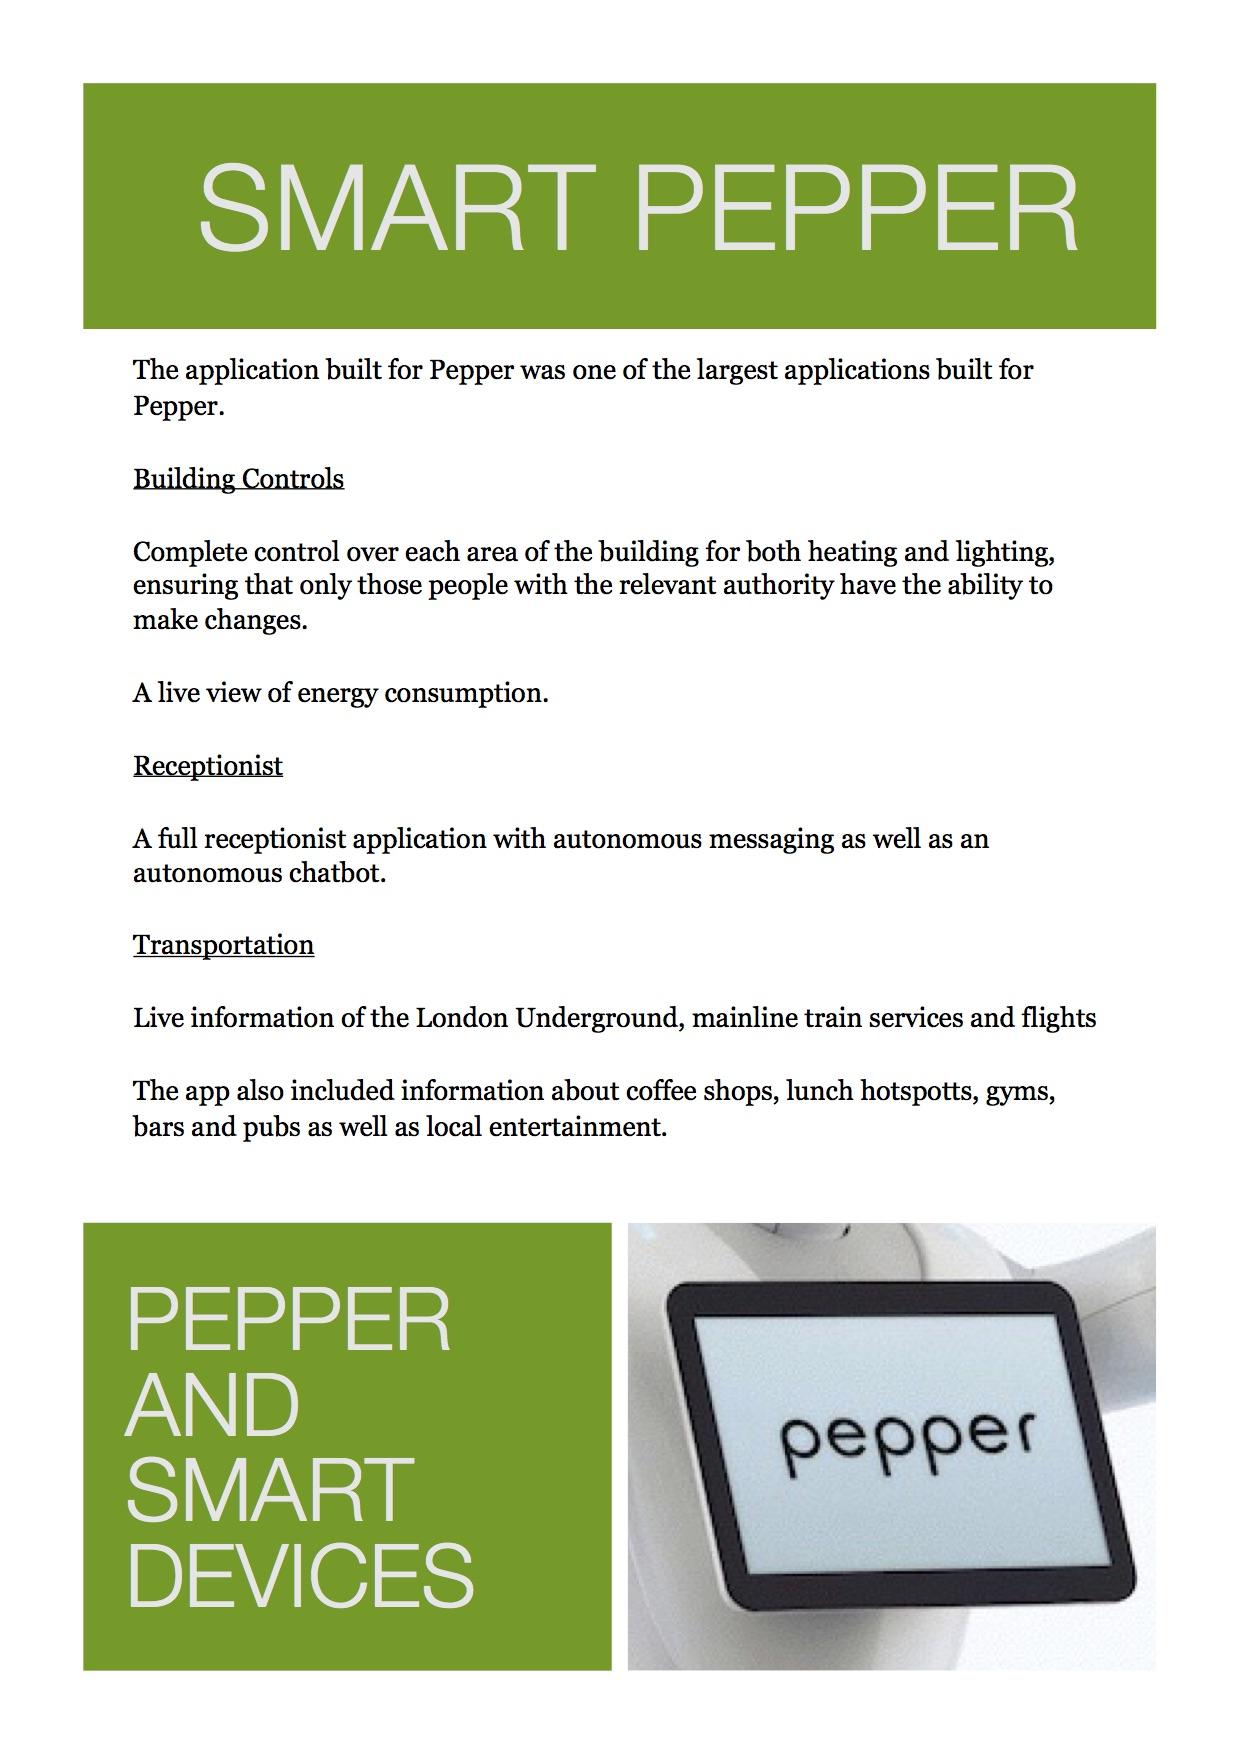 Smart Pepper2.jpg